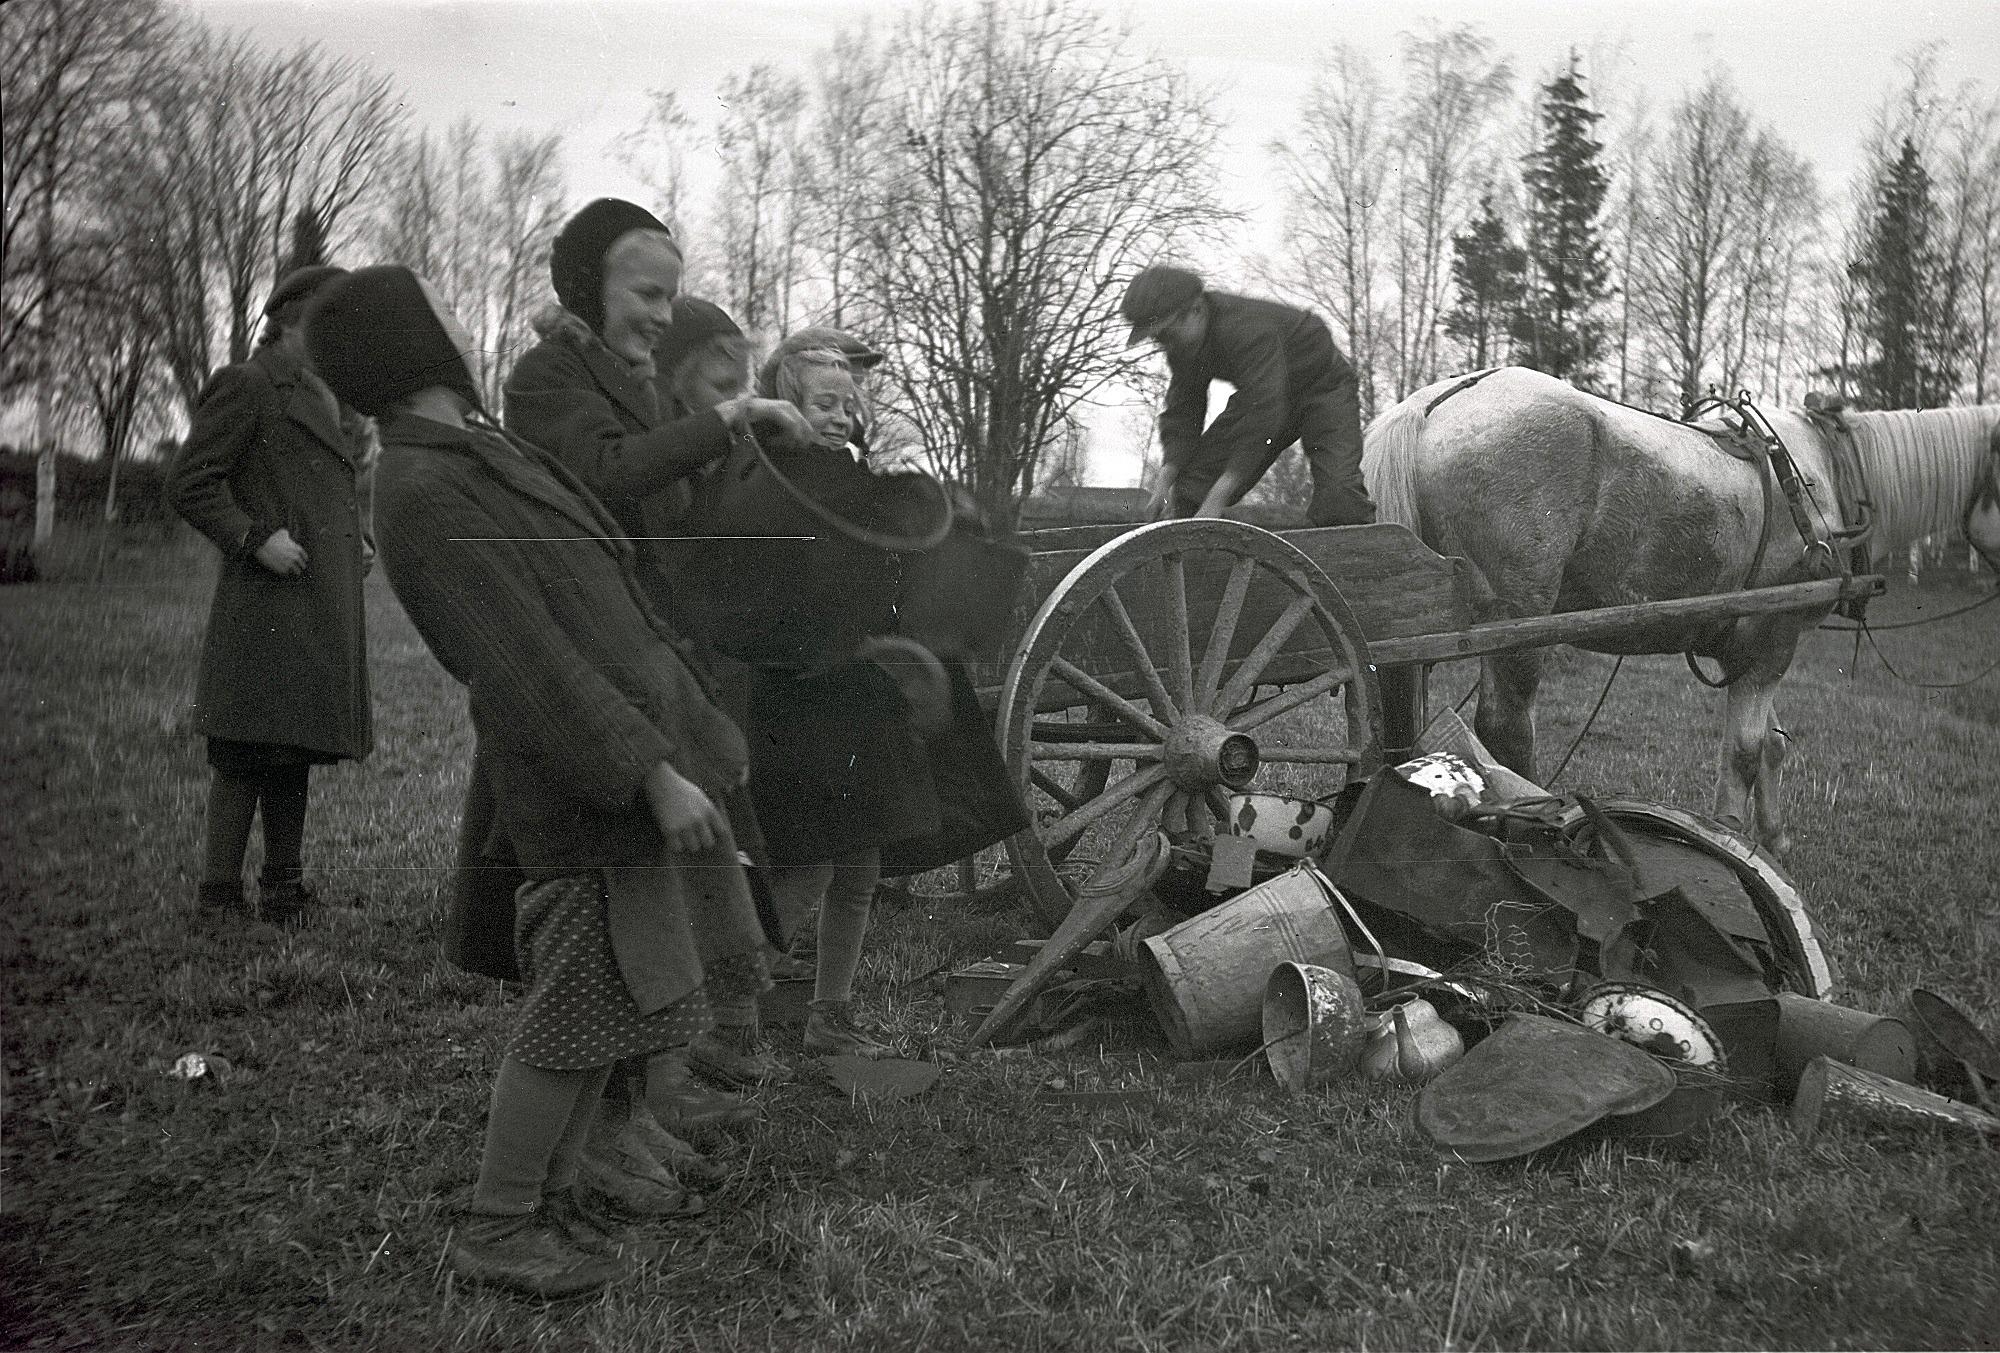 Under krigsåren 1941-44 samlade skolbarnen skrot för försvarsmakten. Pojken på kärran lastar av de insamlade metallerna medan flickorna ser på. Från vänster Etel Storsjö, Elvi Lassfolk, Ulla Sjöberg, okänd och Astrid Nissander.